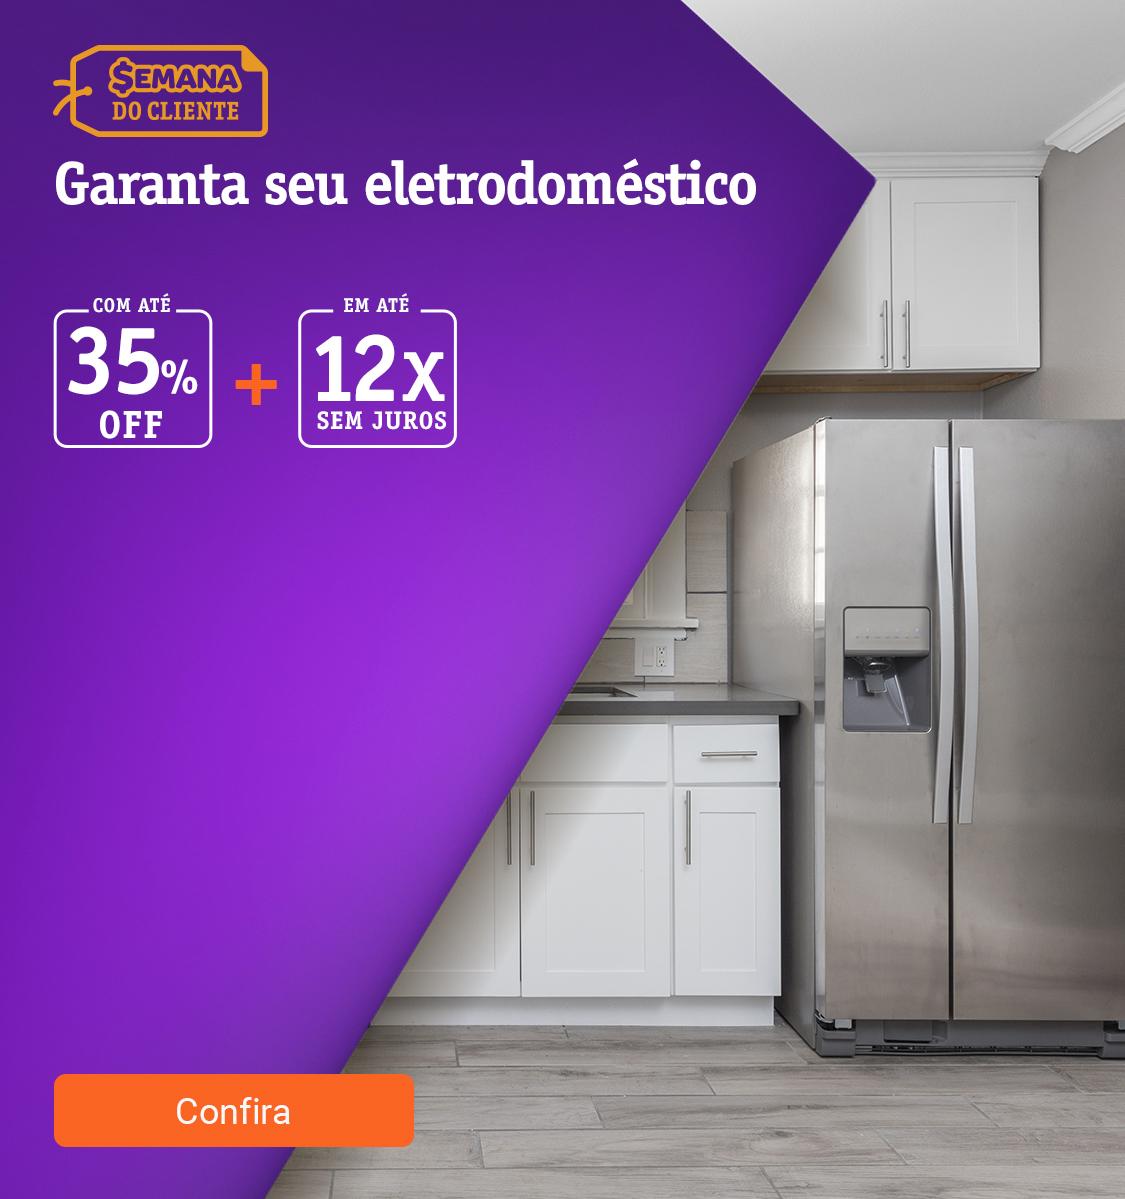 Garanta seu eletrodoméstico com até 35off